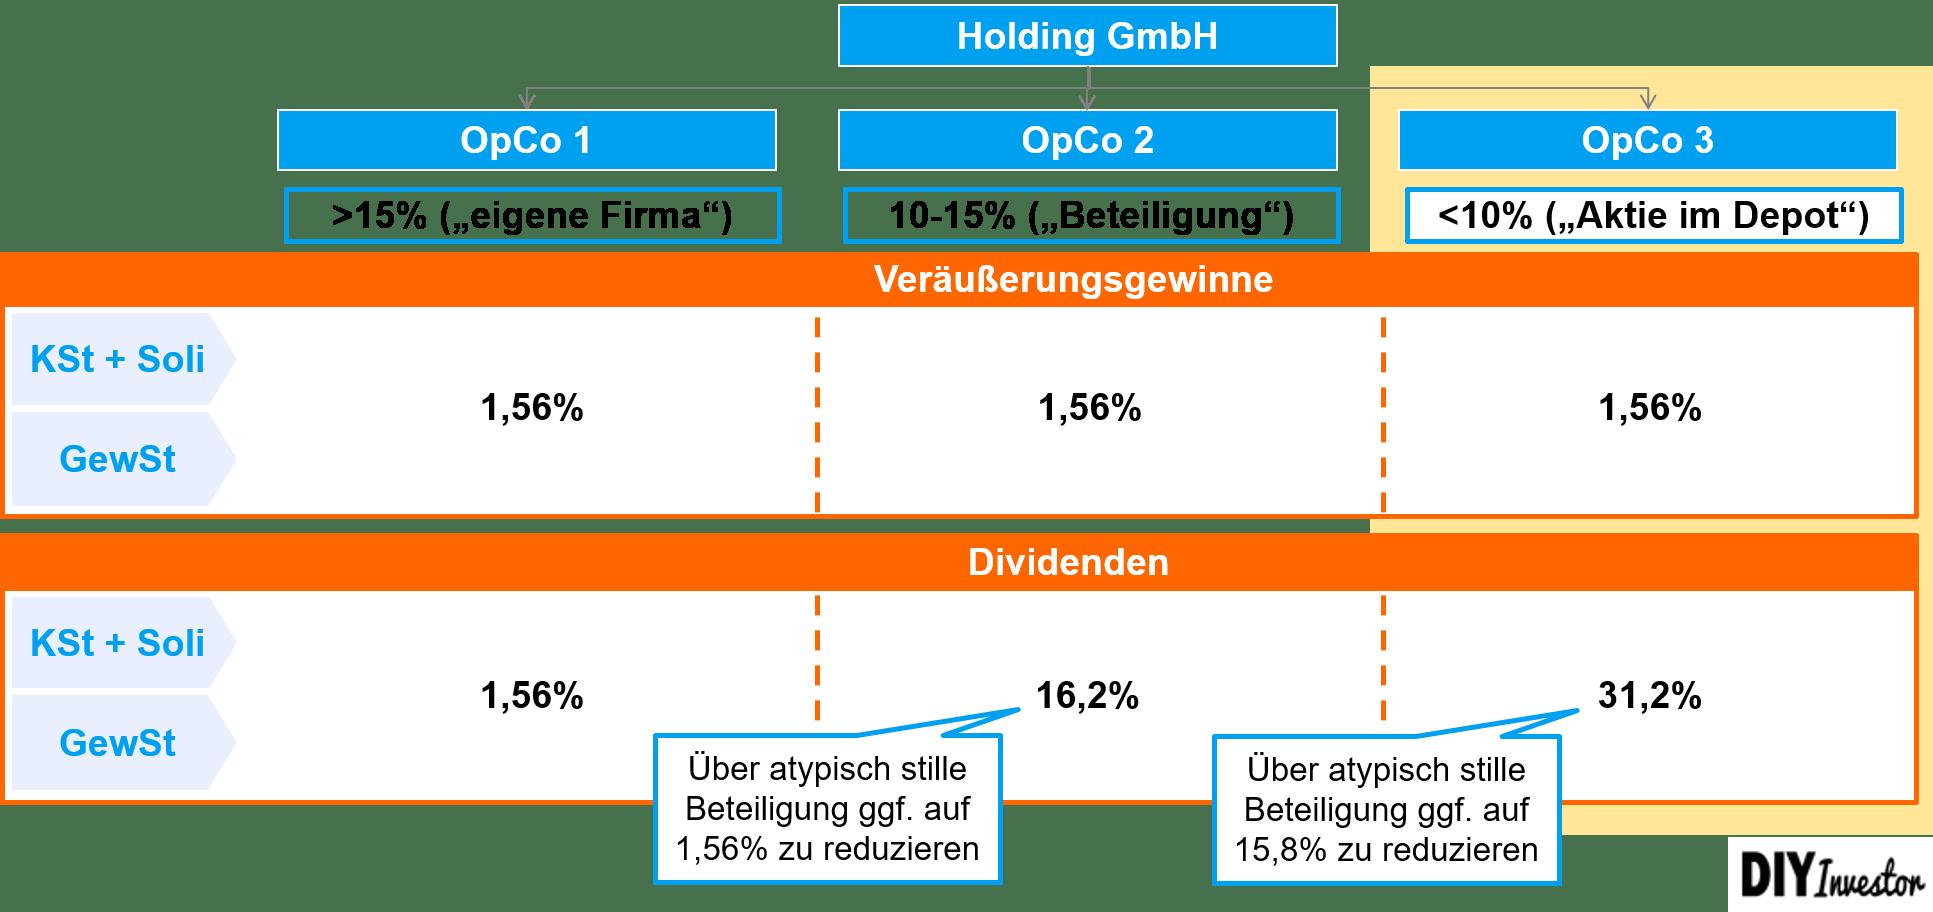 Vermögensverwaltende GmbH - Zusammenfassung Besteuerung